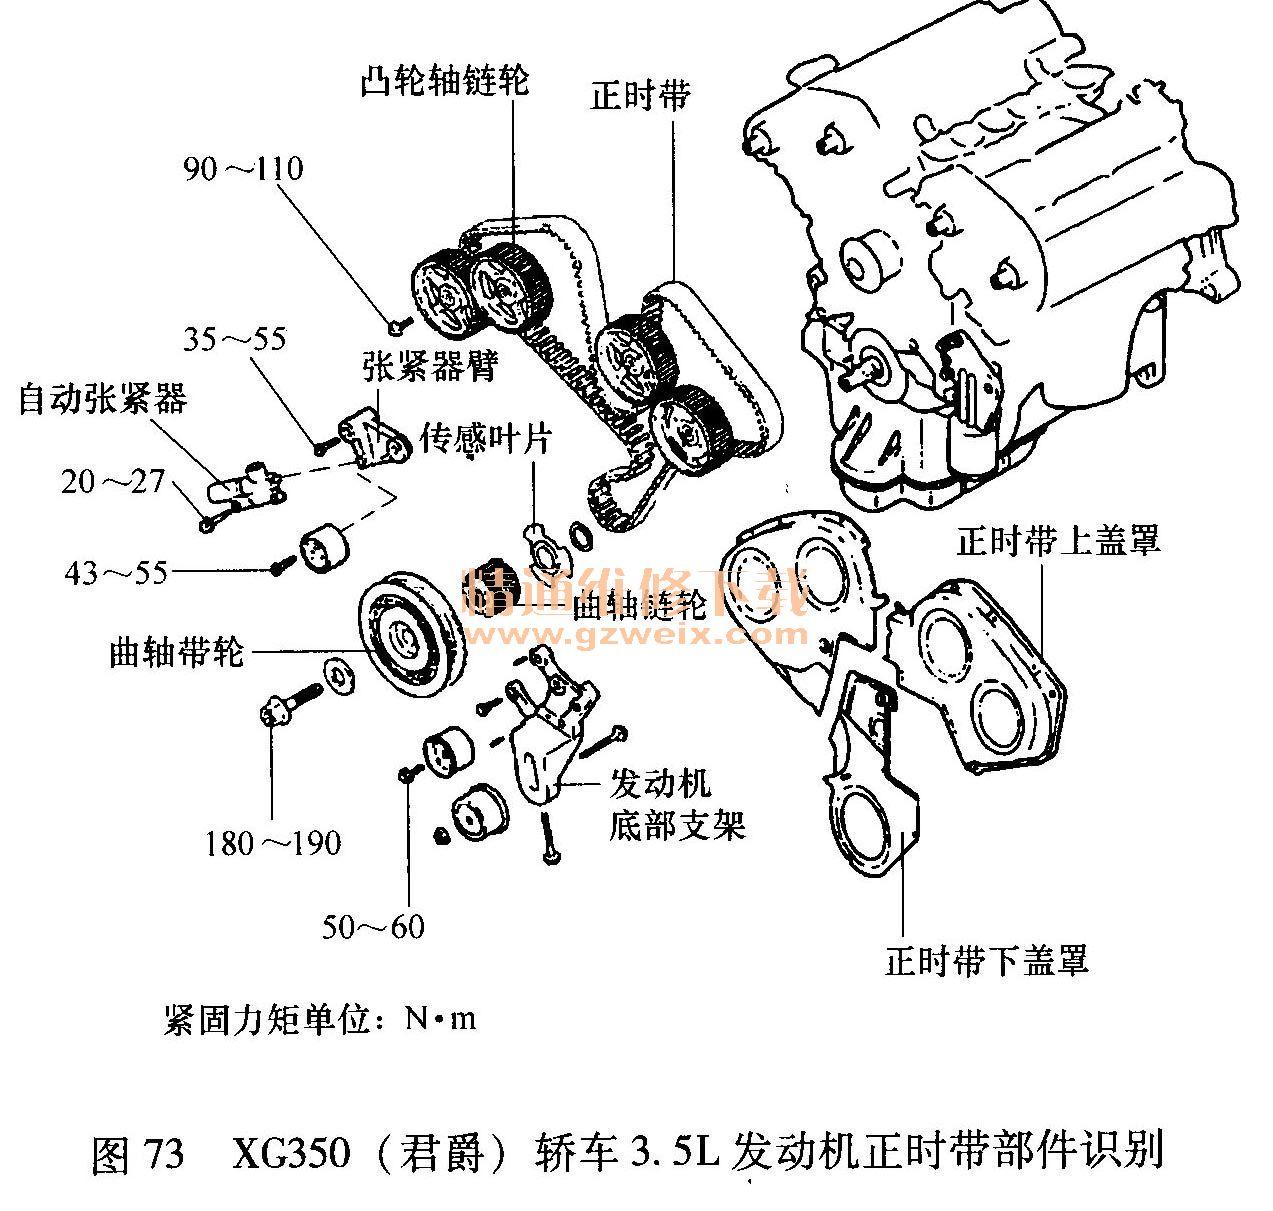 二,xg350(君爵)轿车3. 5l发动机正时带拆卸步骤